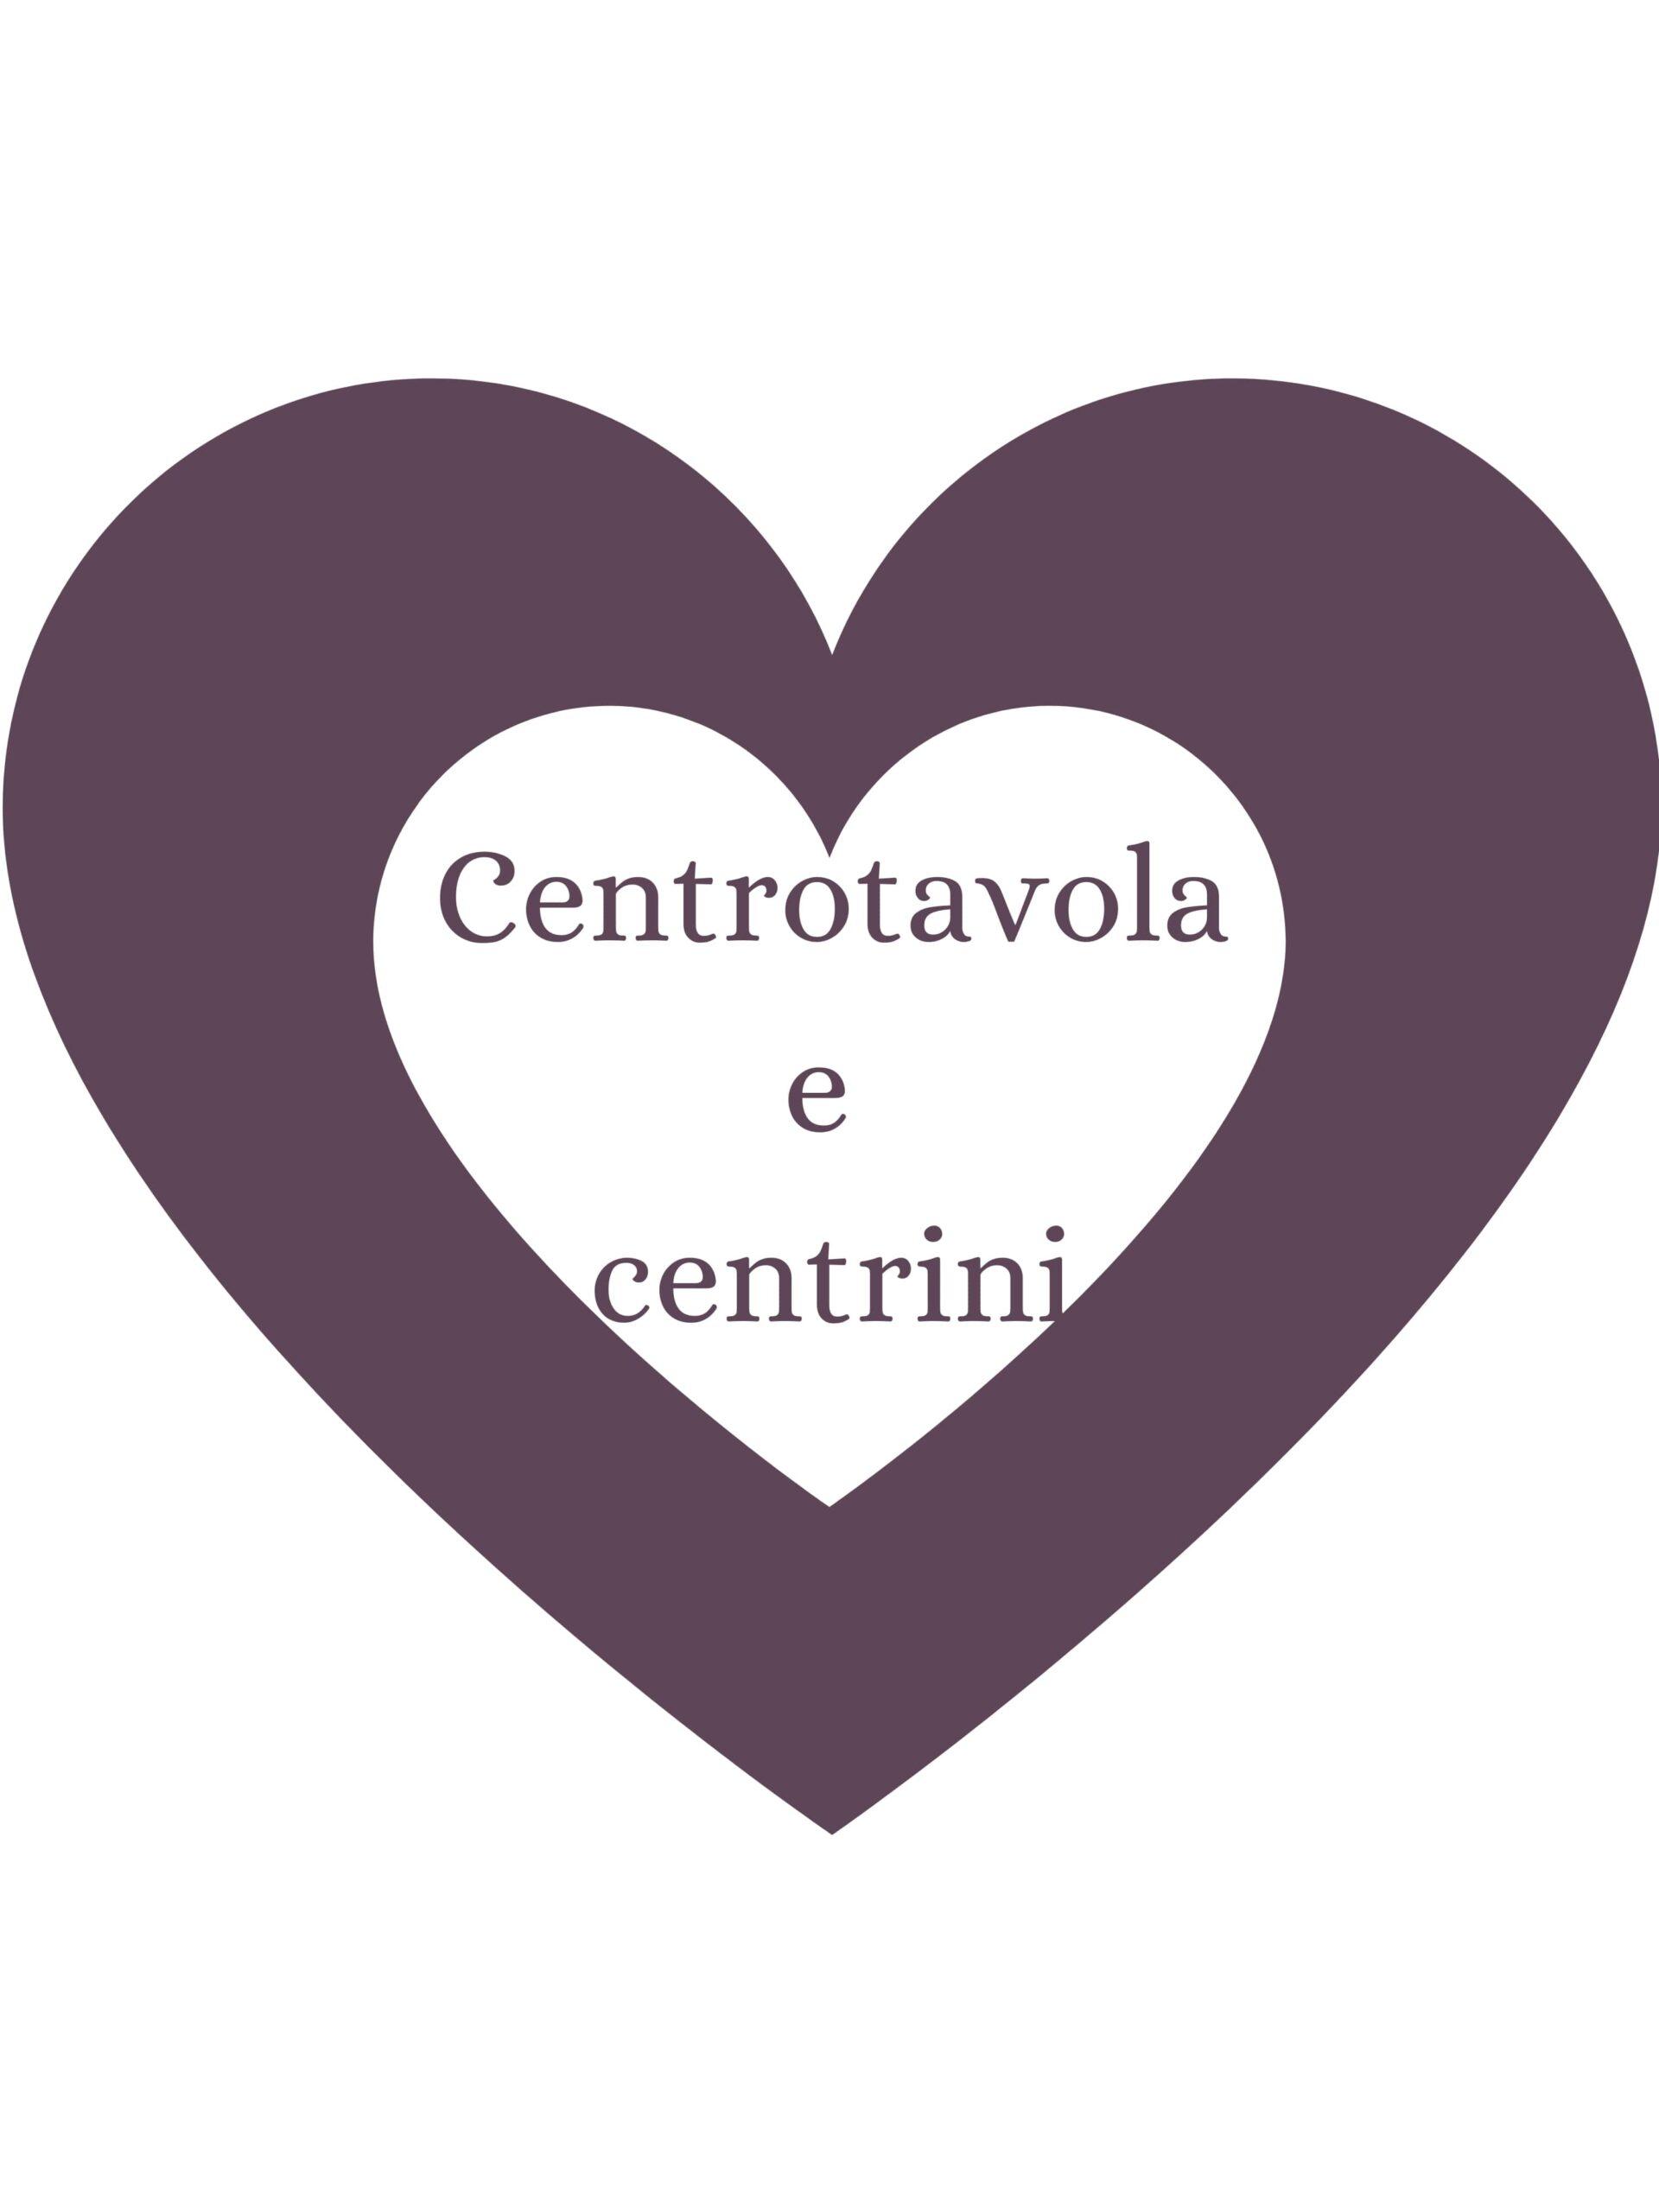 Centrotavola e centrini